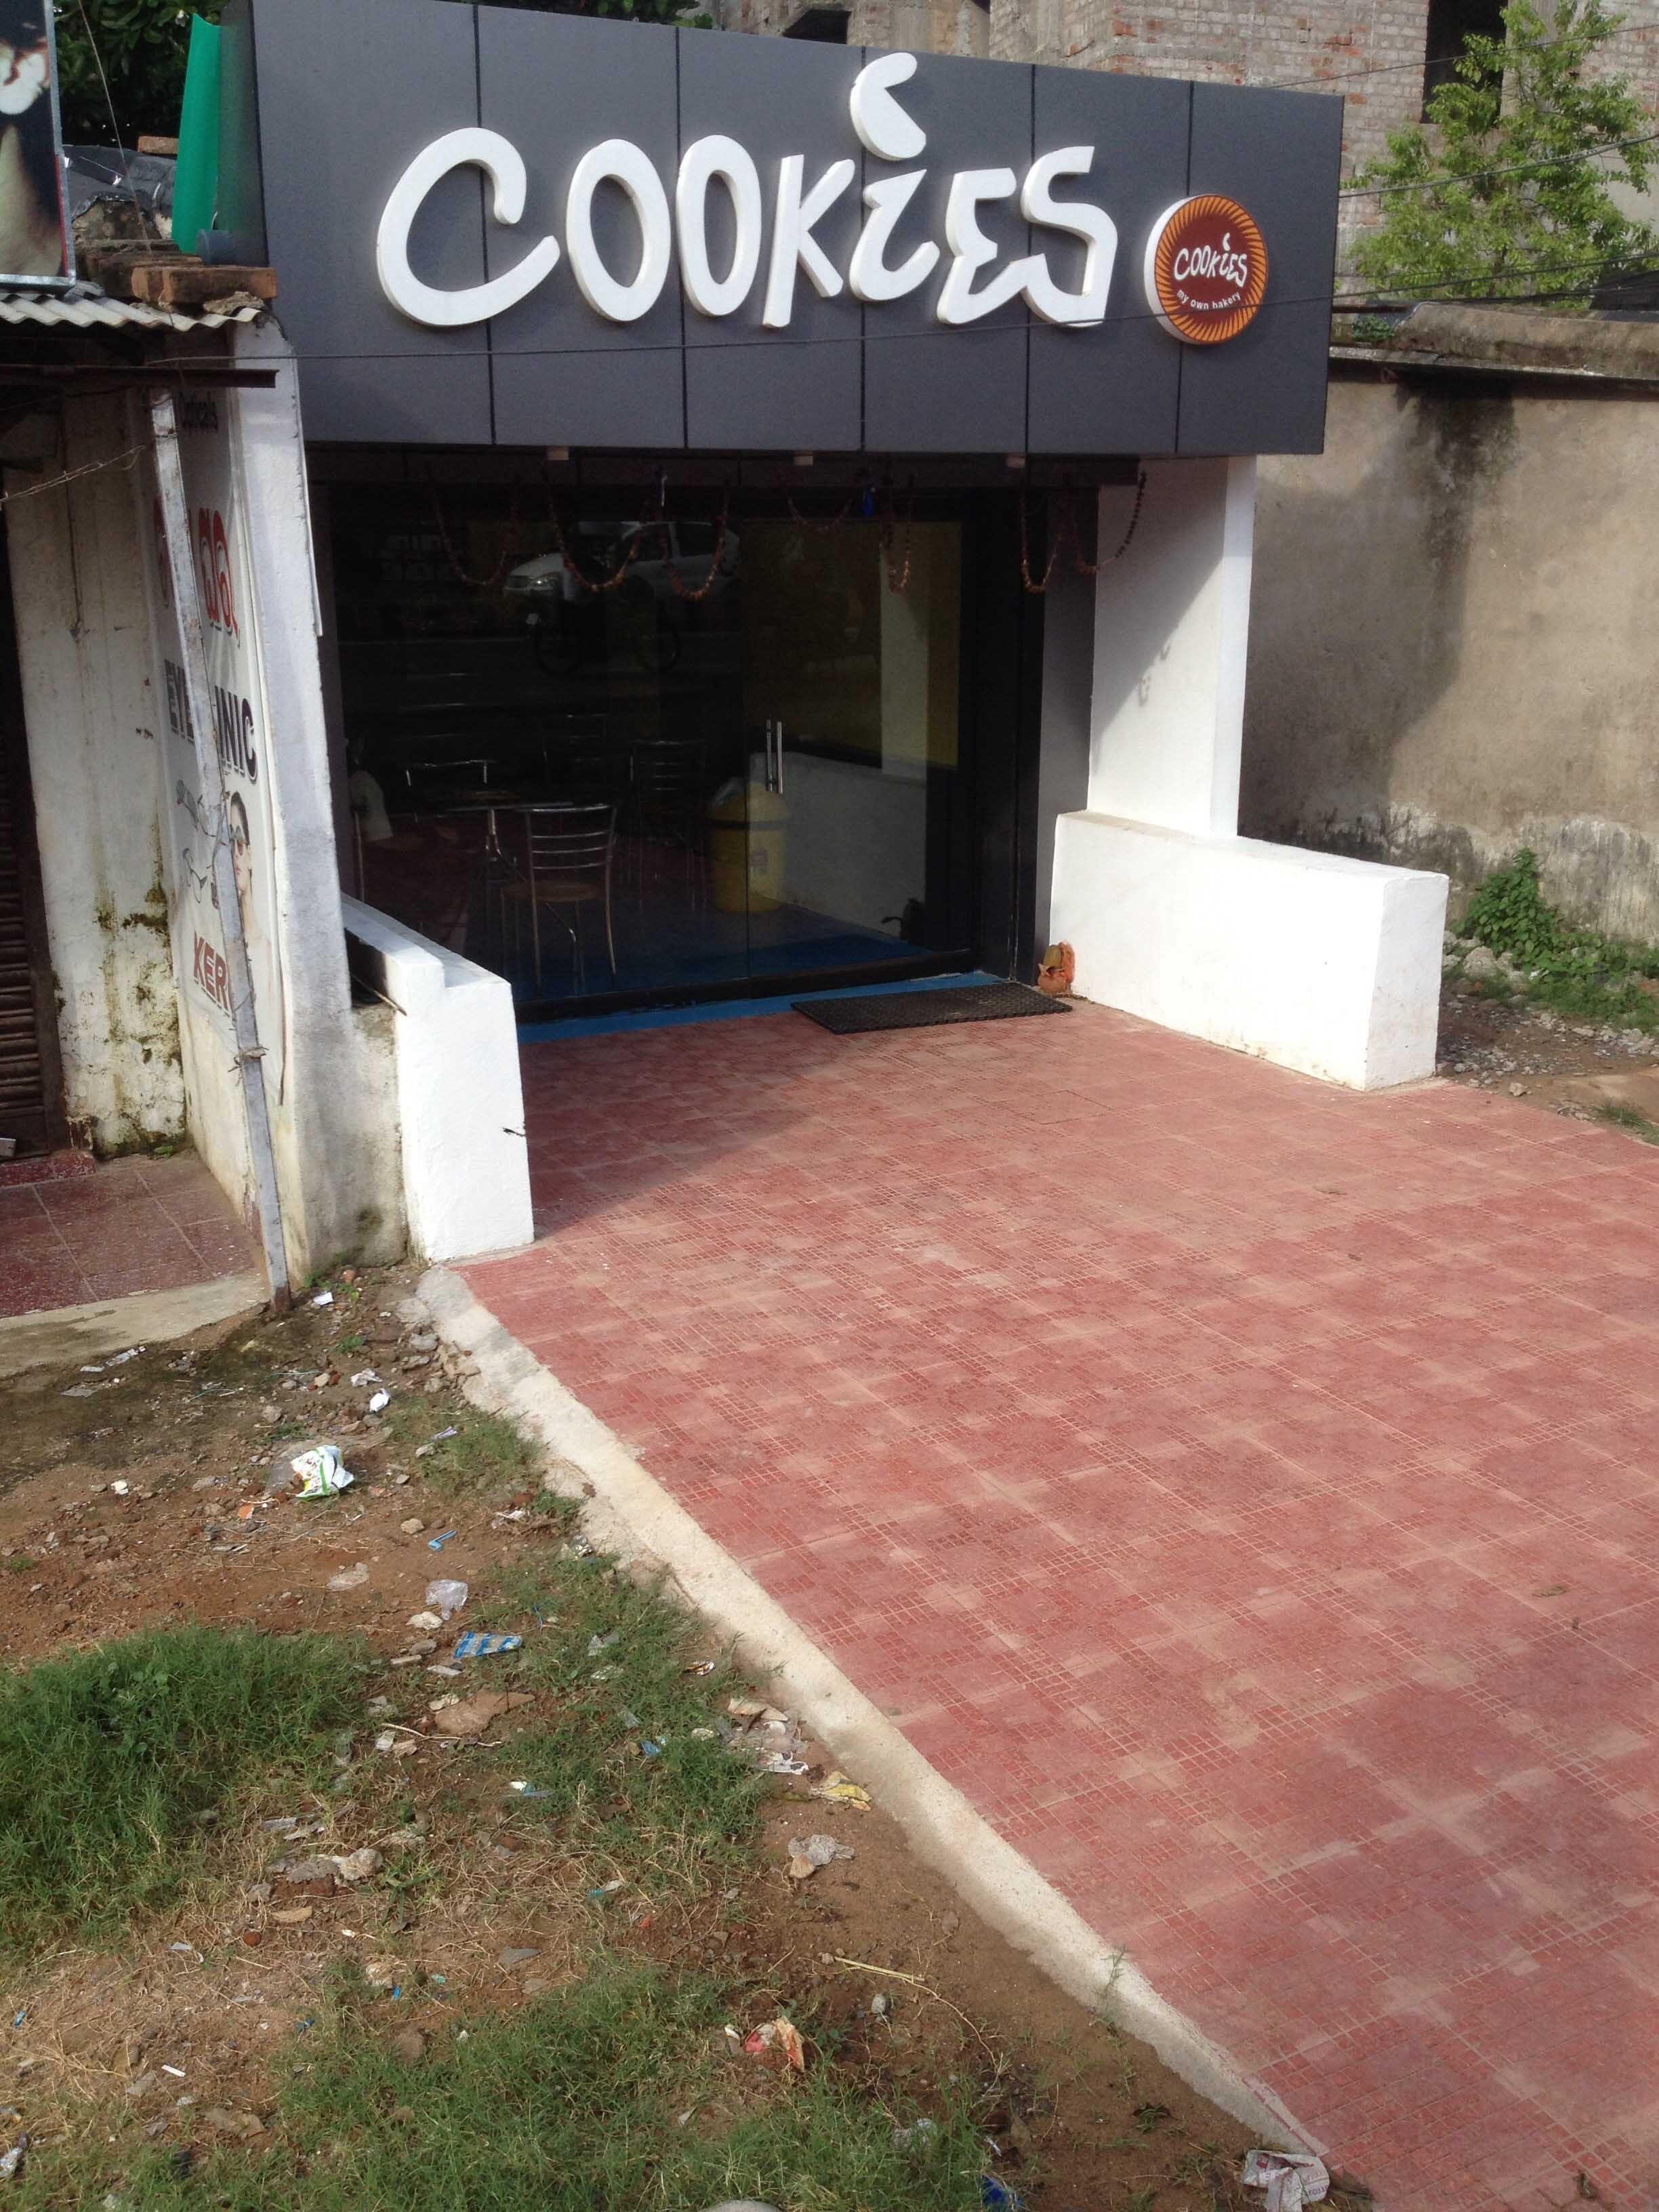 Cookies - Nayapalli - Bhubaneswar Image